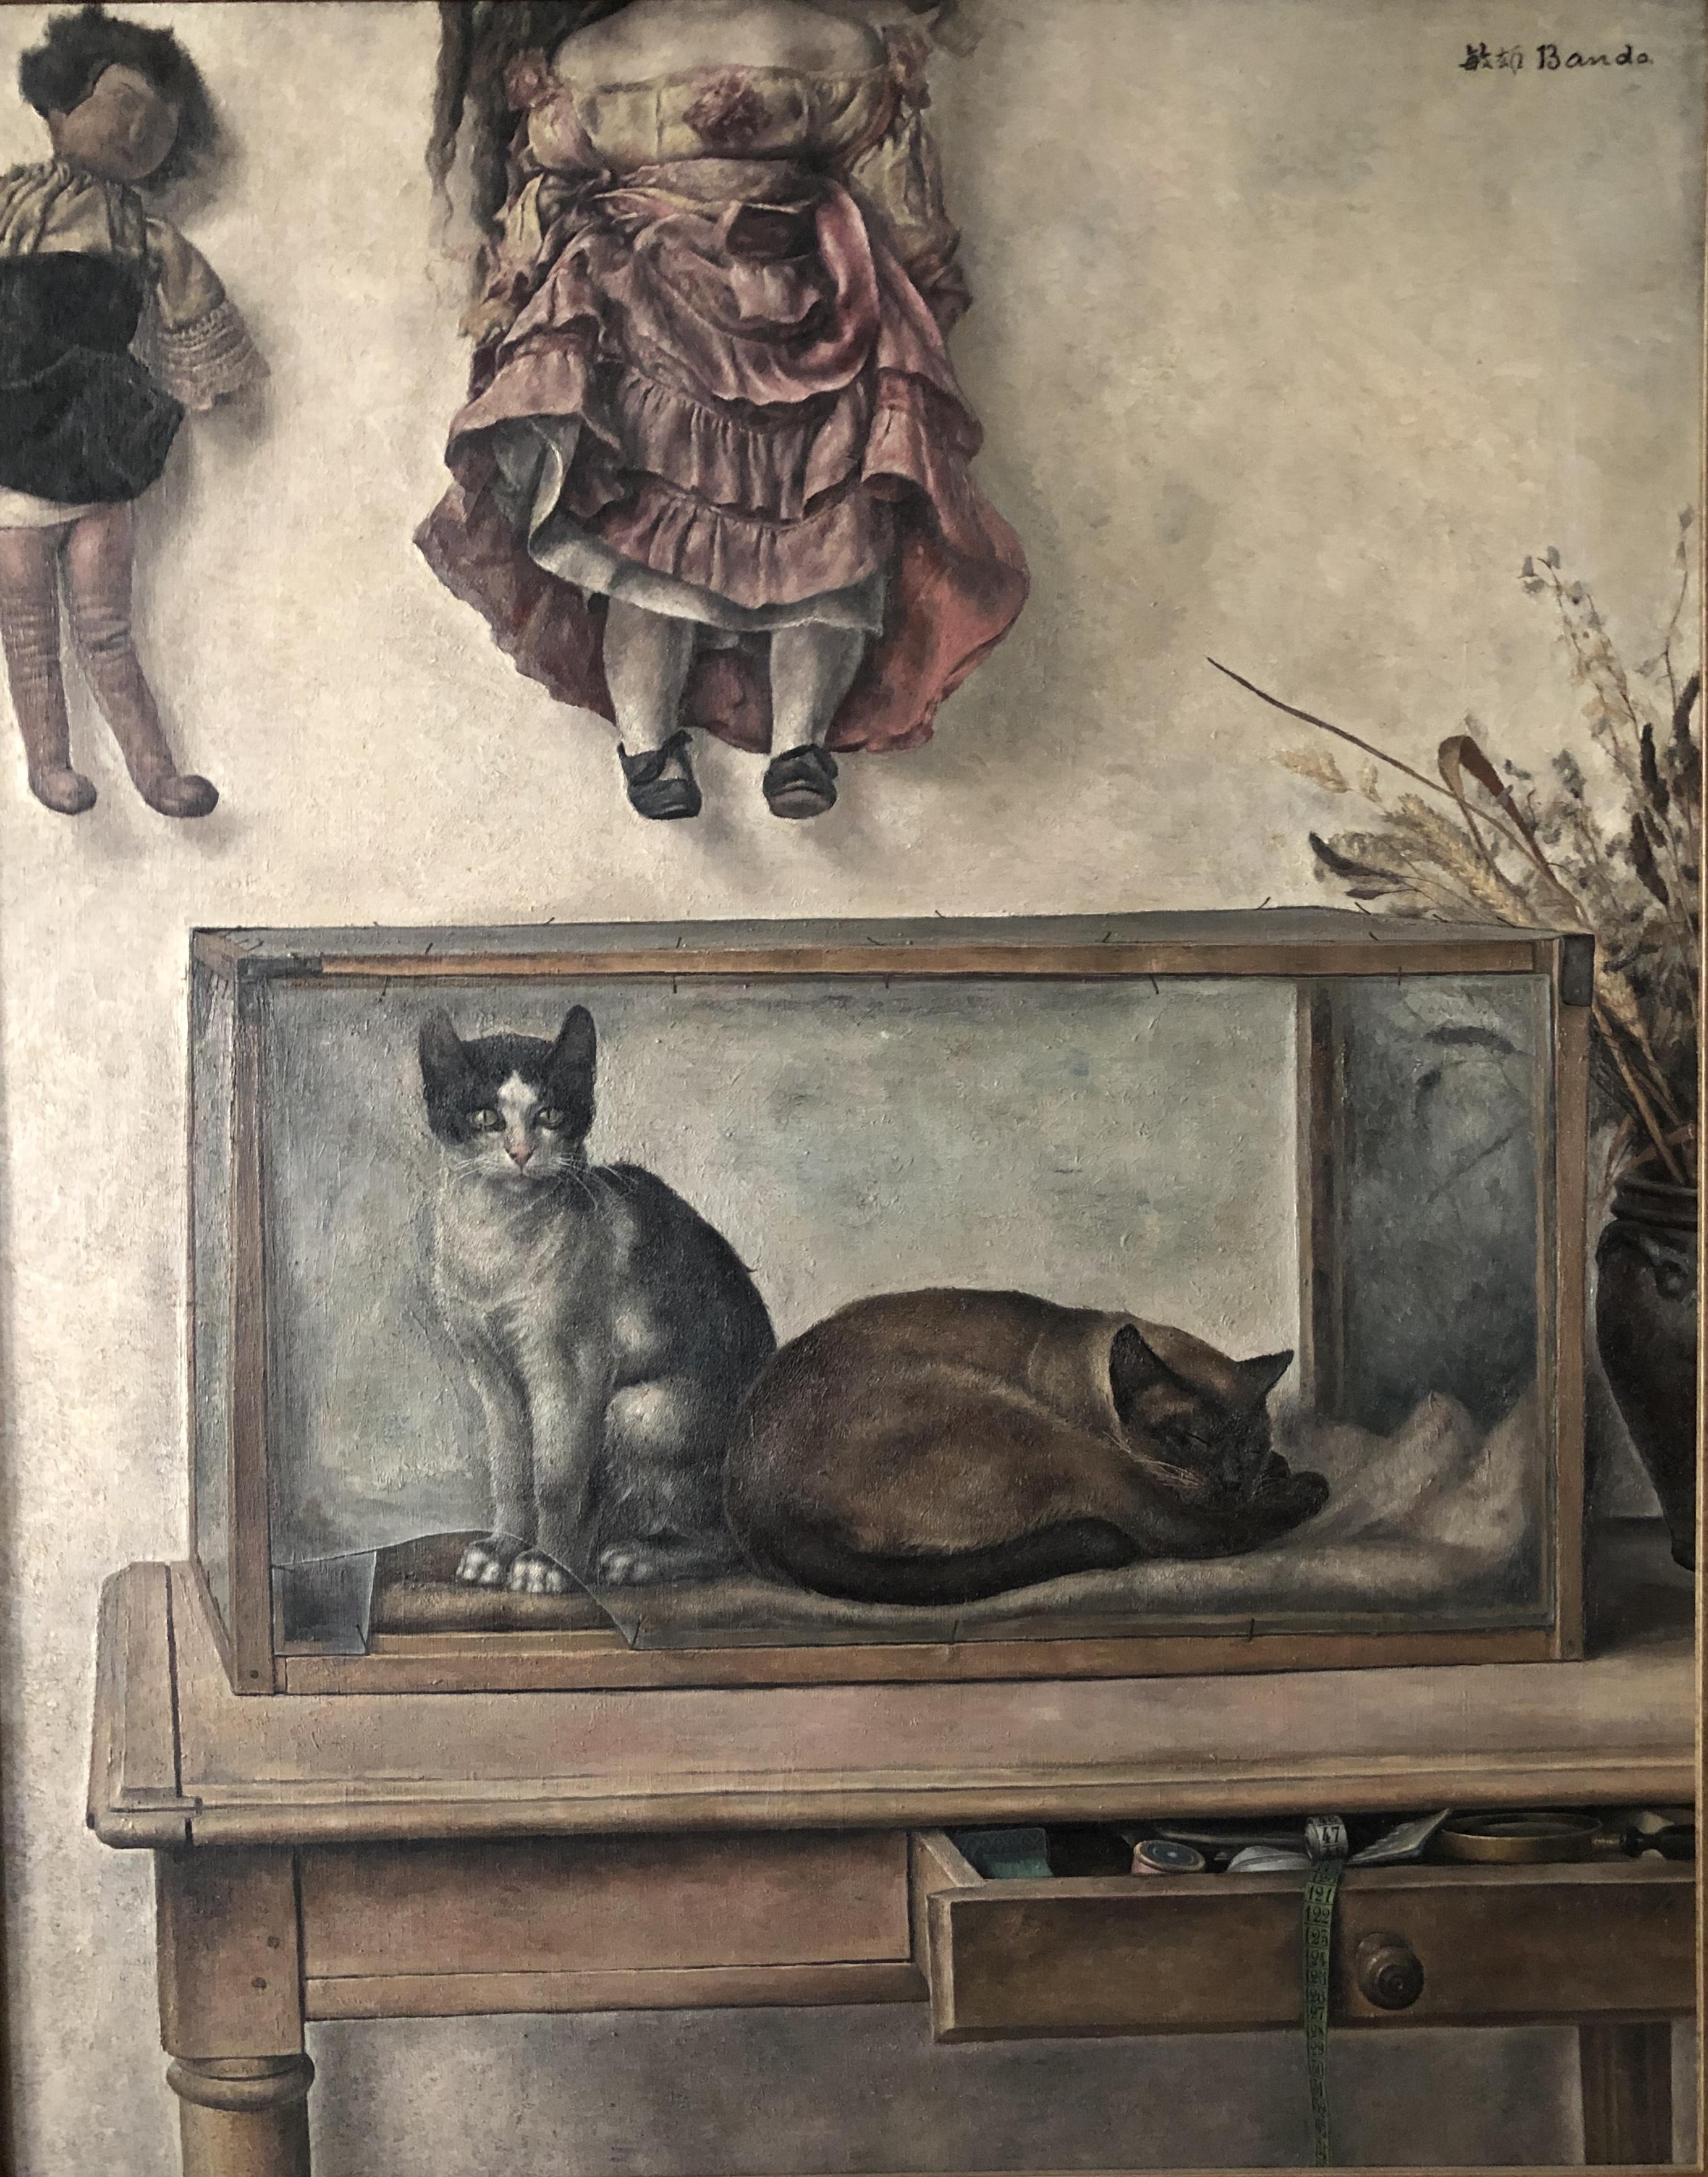 BANDO Nature morte aux chats 1930 Huile sur toile Coll. part.